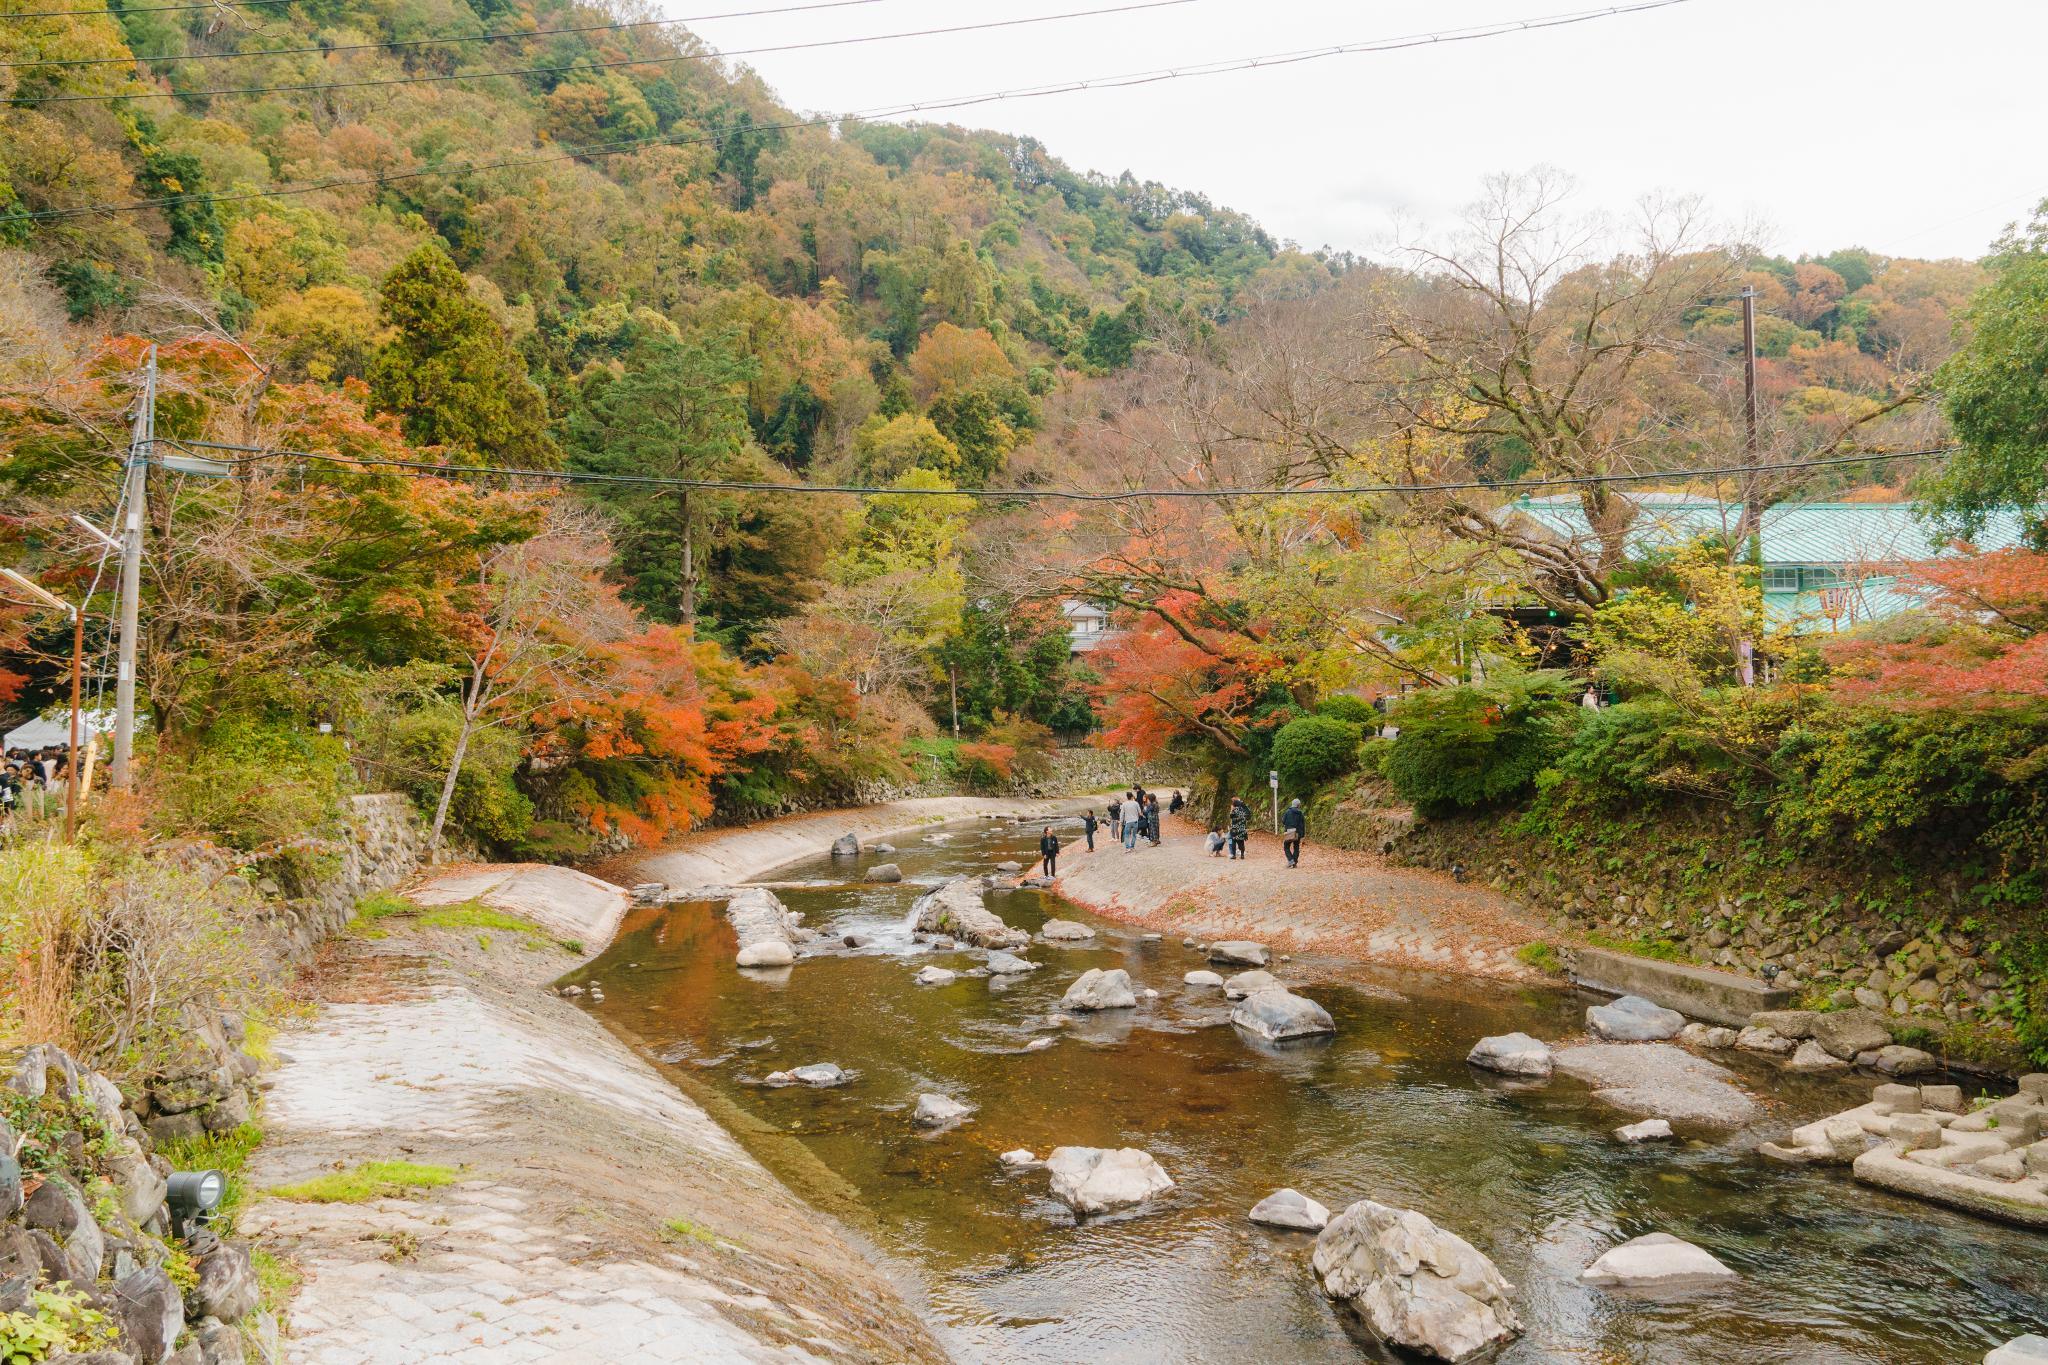 【京都】如夢似幻的琉璃光影 - 八瀨琉璃光院 74